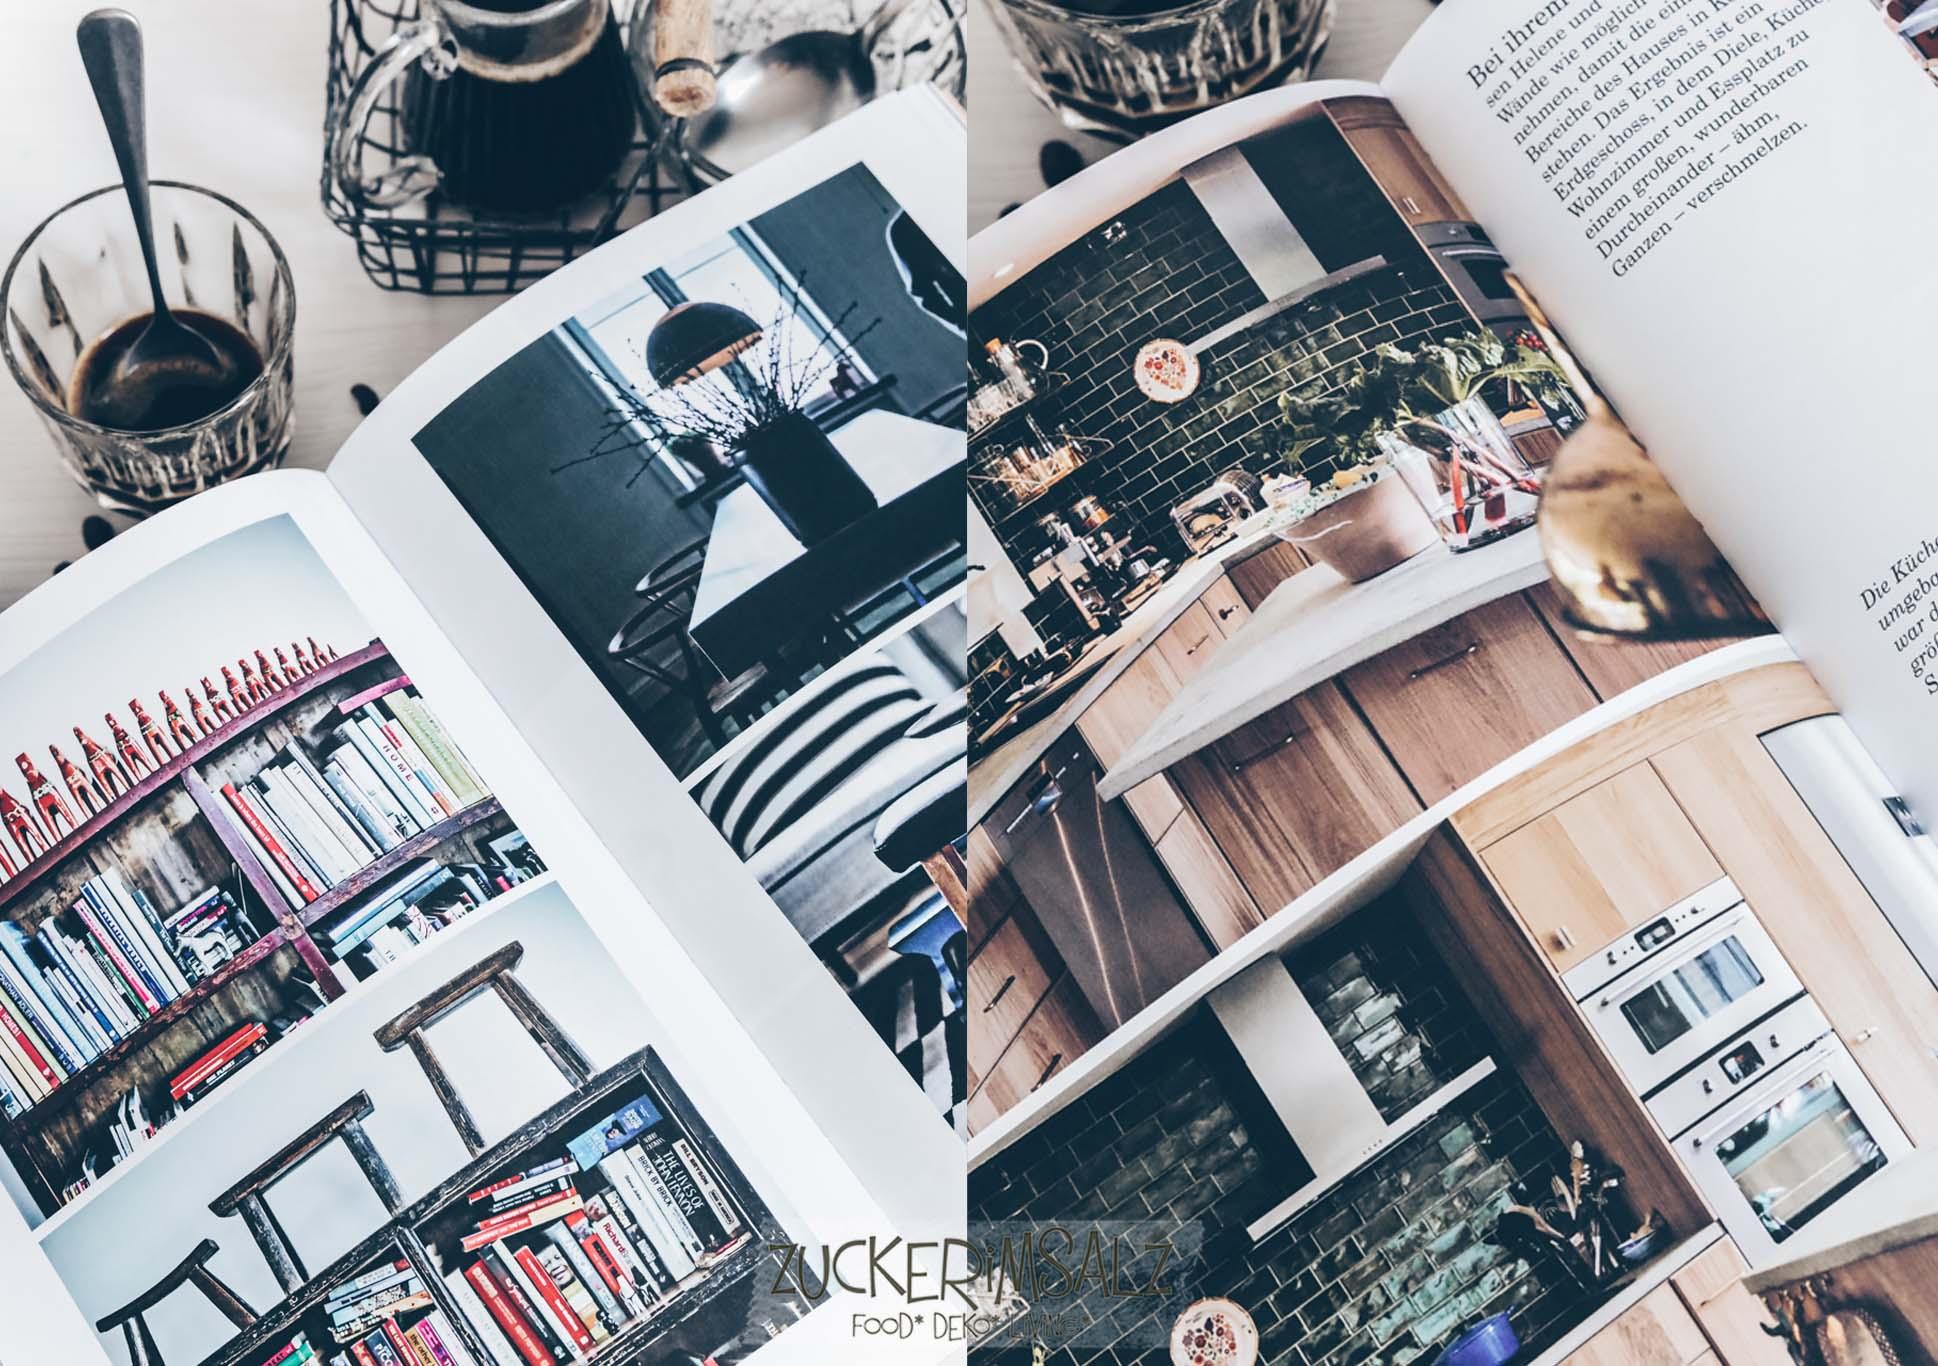 coffee, book, heißer, hot, Affogato, Rezept, Recipe, Top 3, Bücher, ikea, gut verstaut